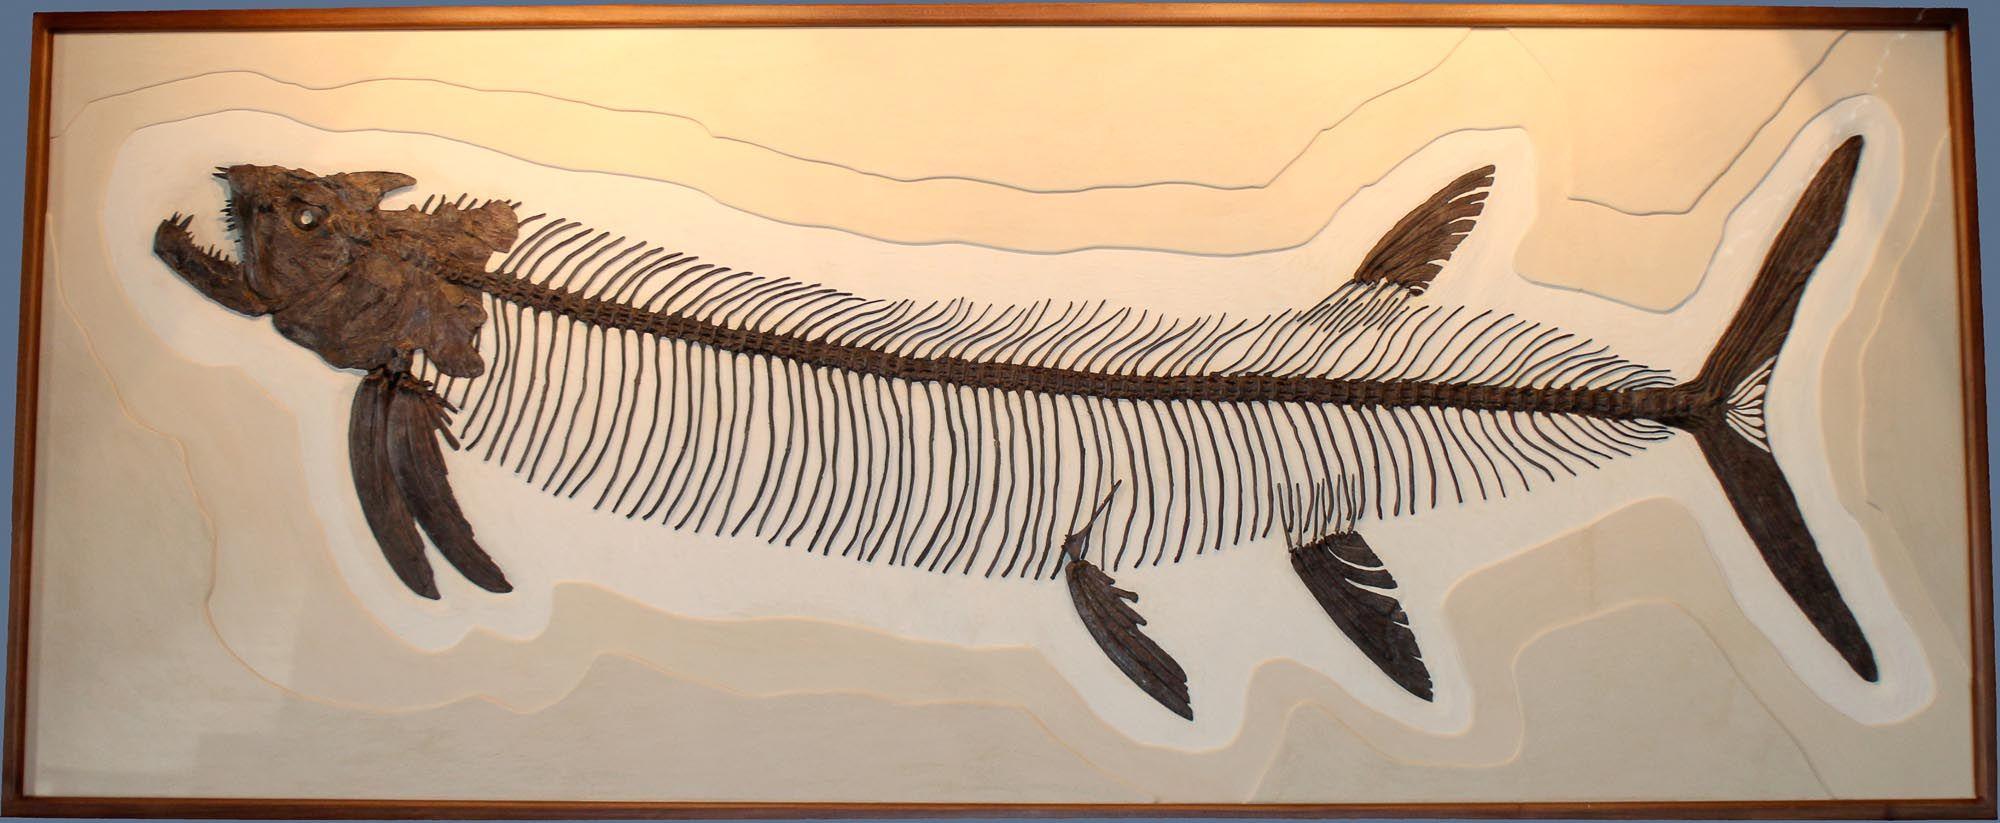 Xiphactinus audax skeleton, measuring almost 10' long (3 ...